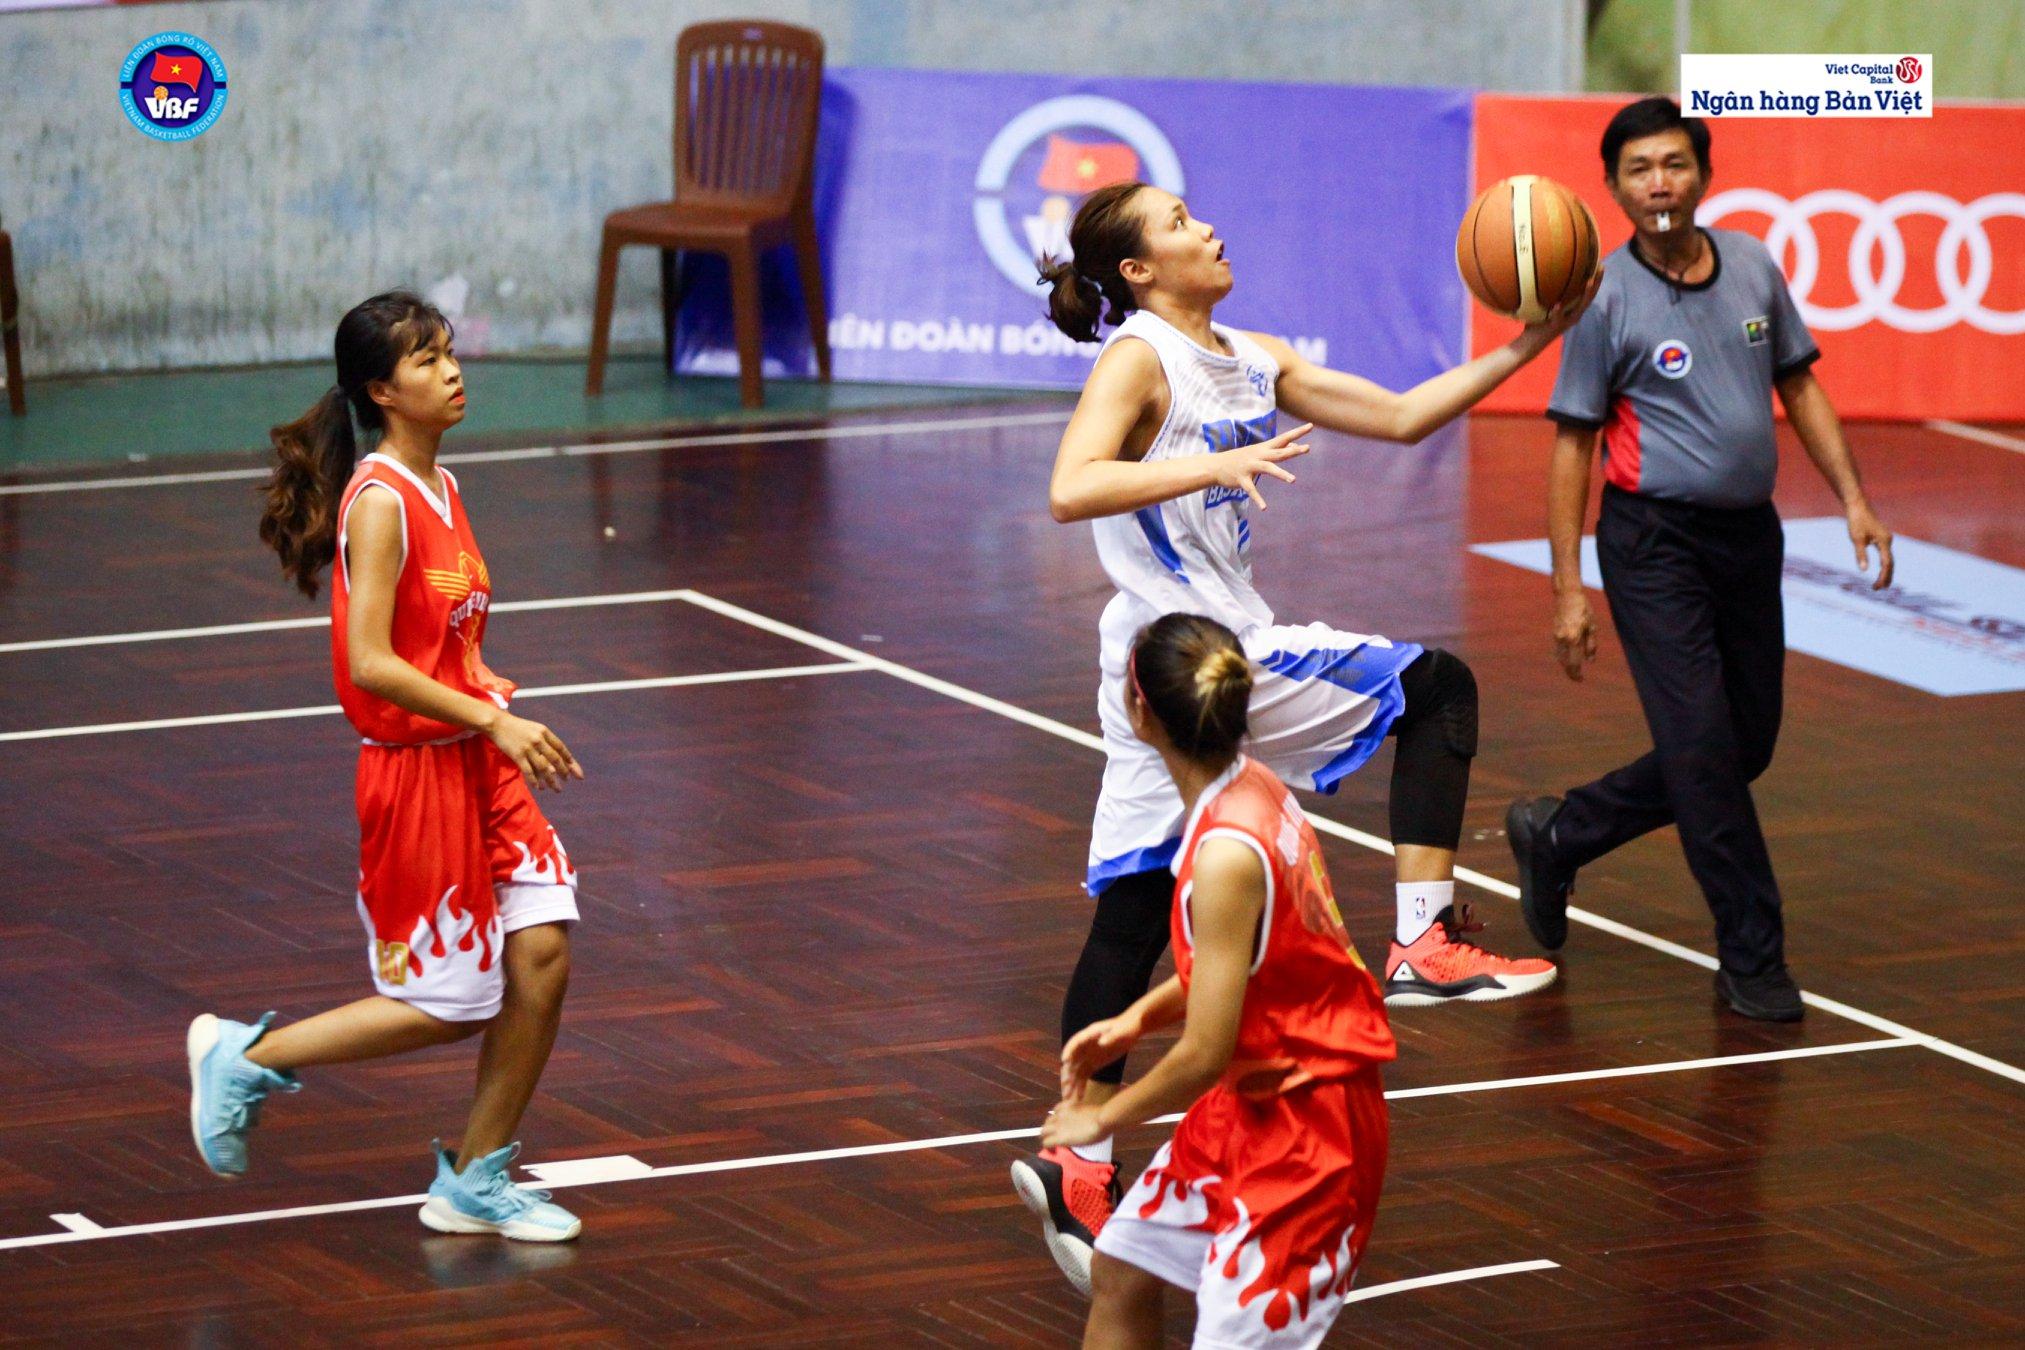 U17 nữ Hà Nội đăng quang Giải Vô địch Bóng rổ Trẻ Quốc gia